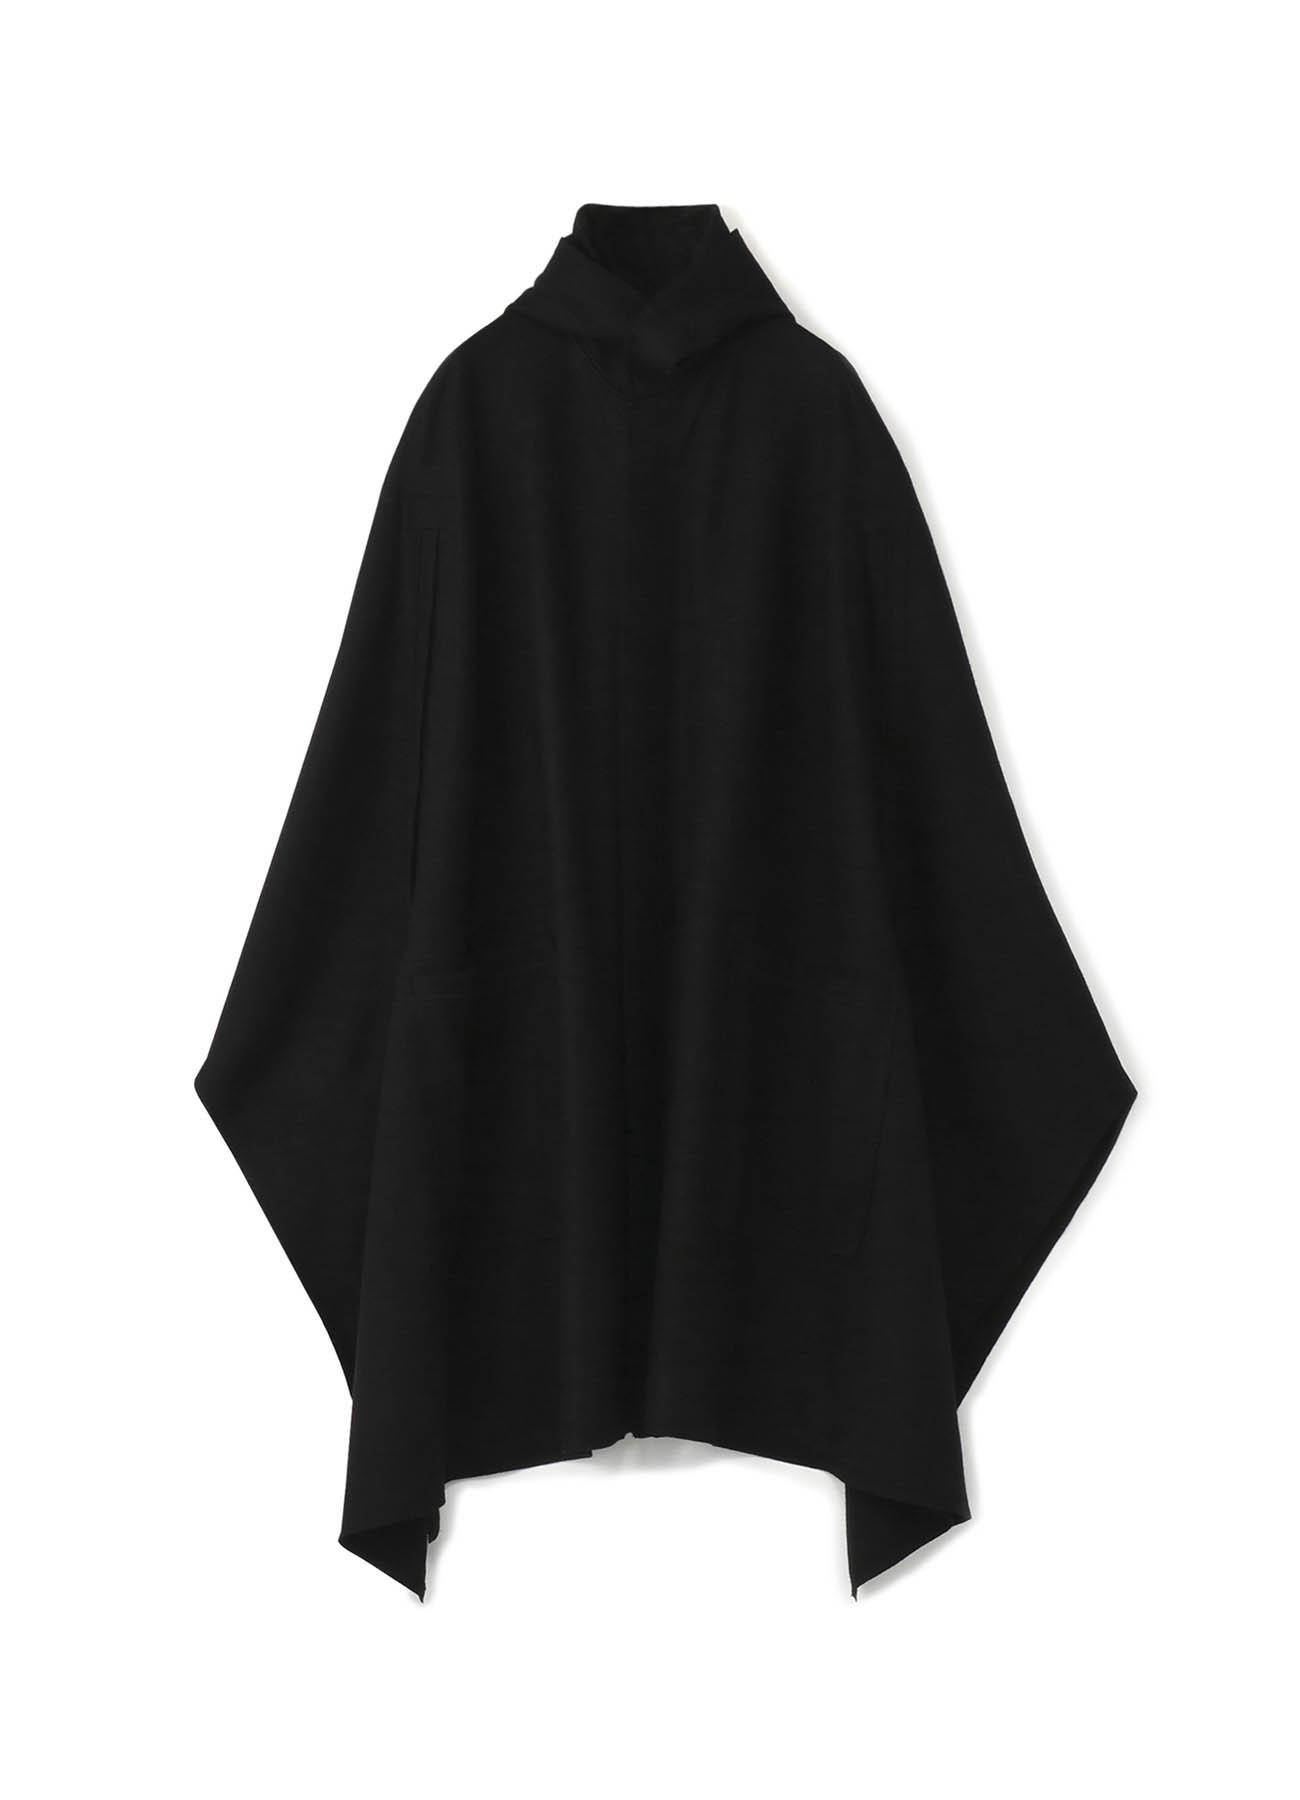 Compression Wool Mantle Hoodie